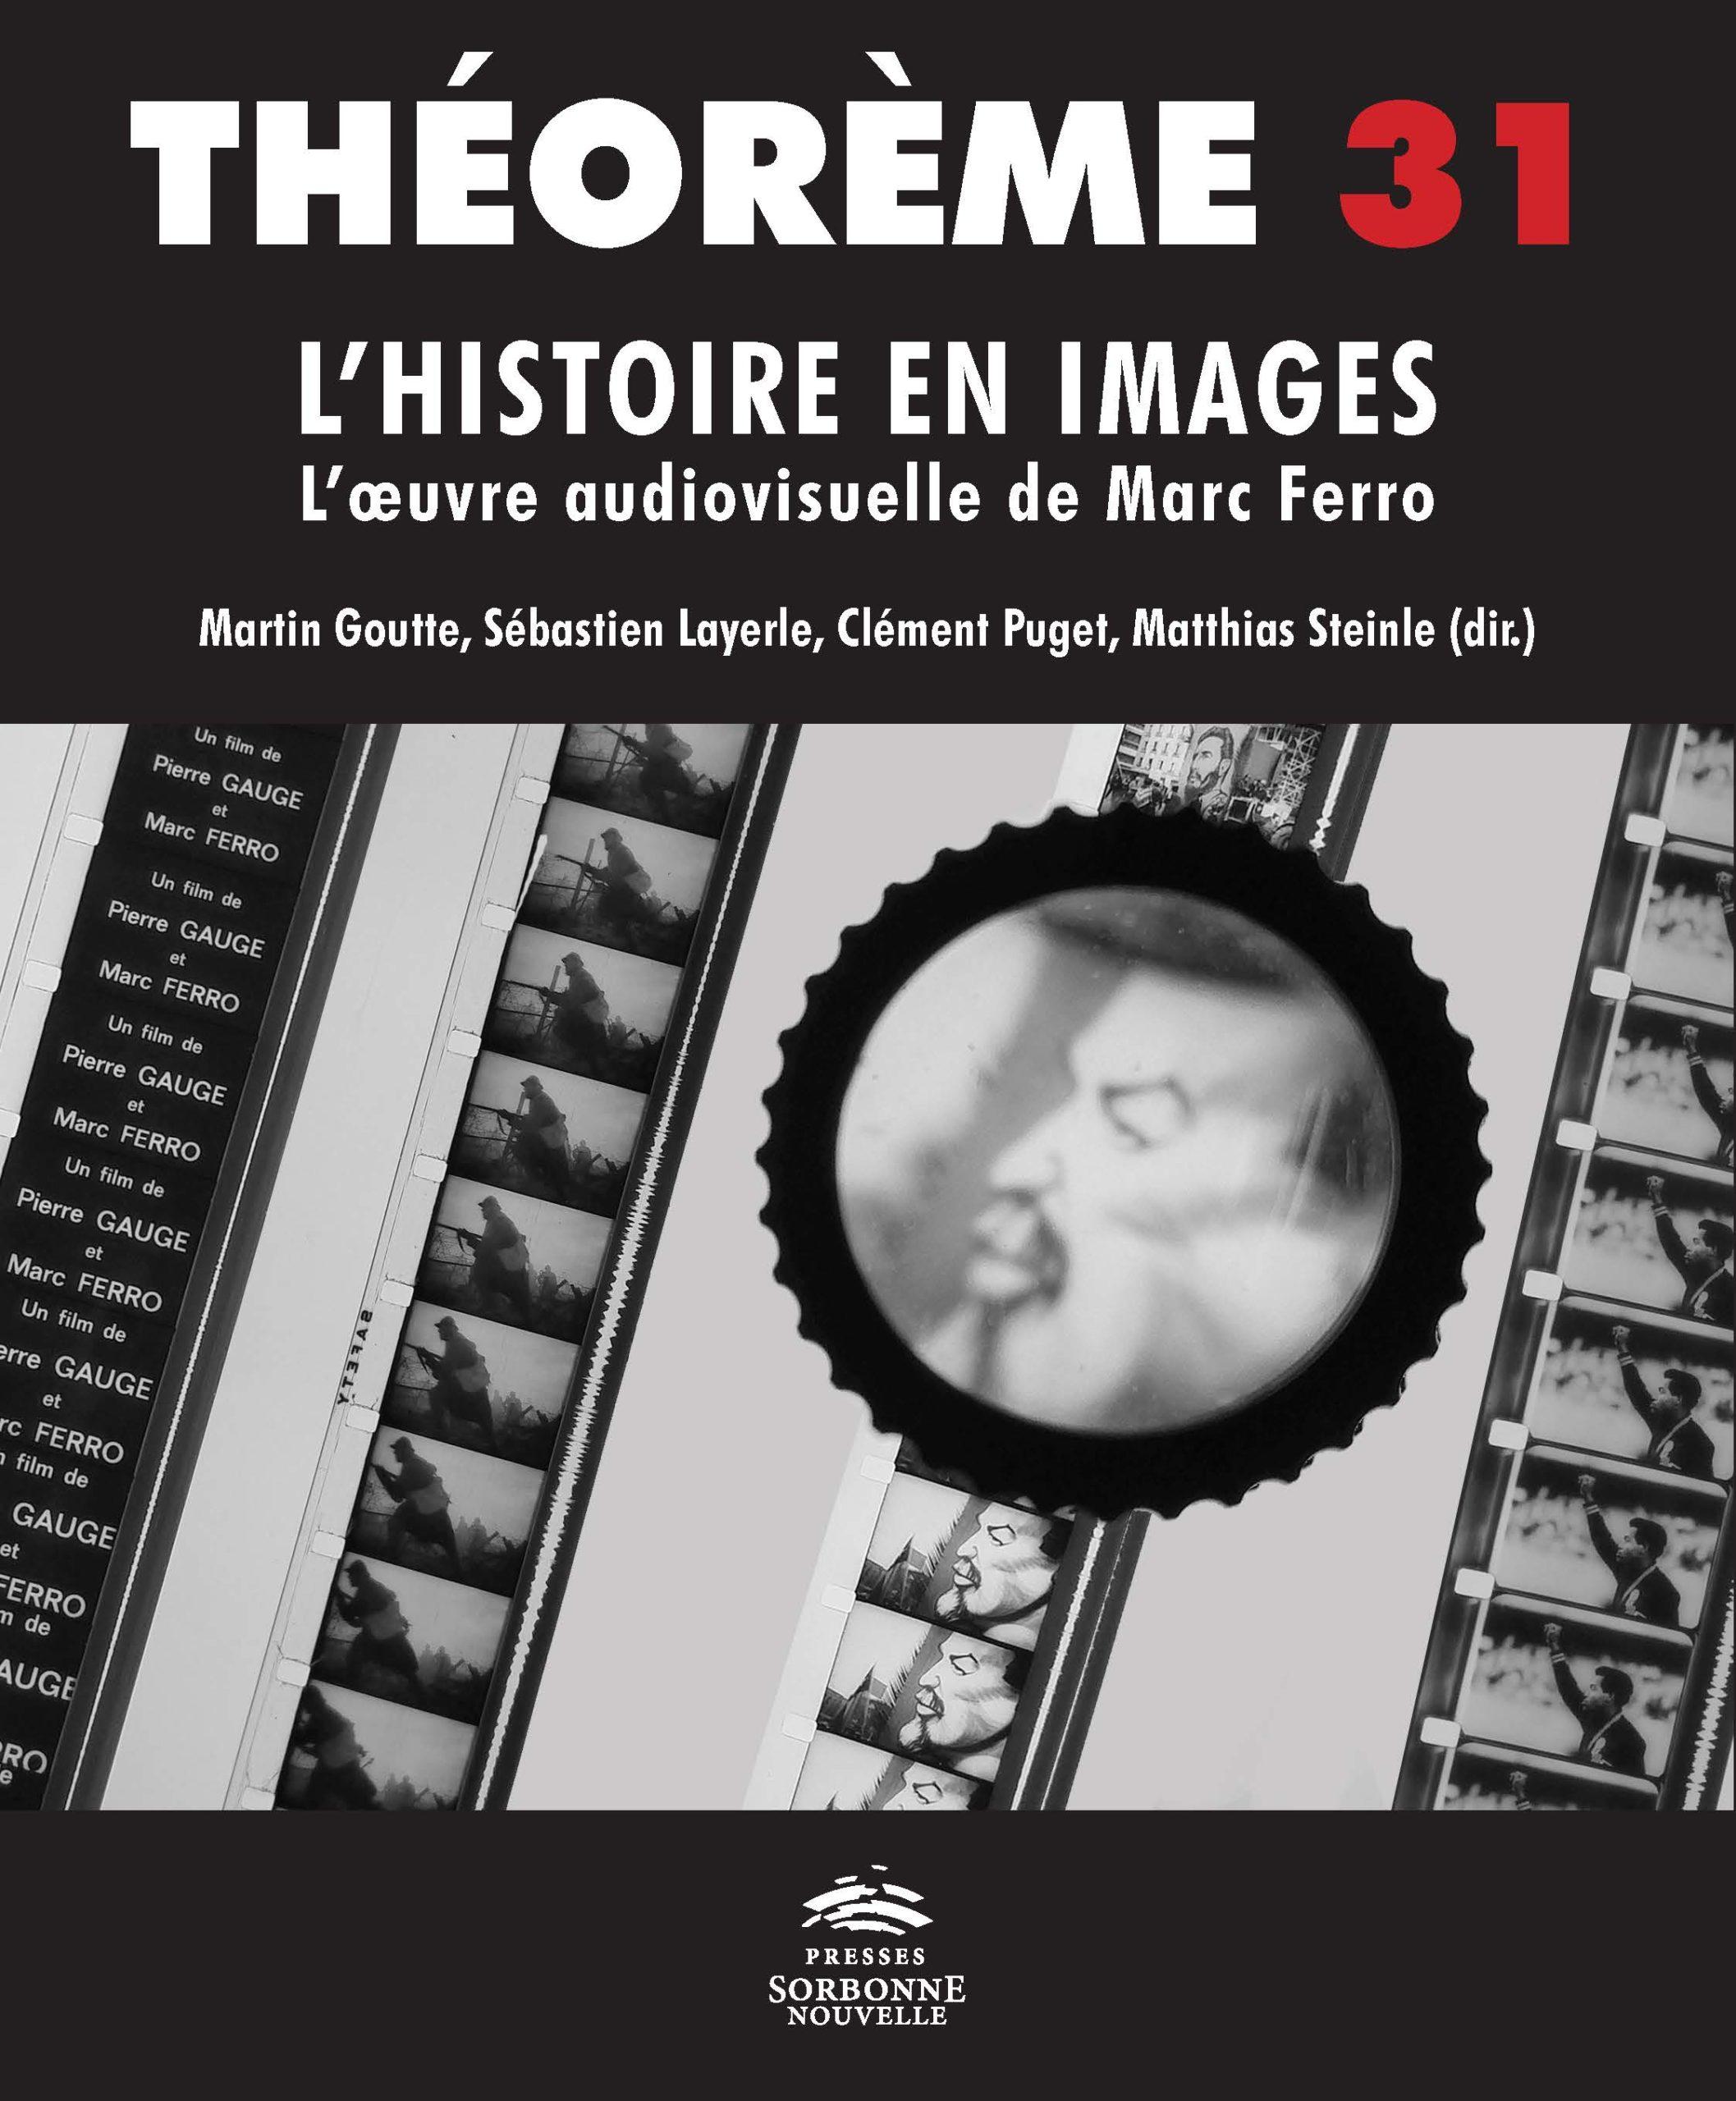 31. L'Histoire en images. L'œuvre audiovisuelle de Marc Ferro